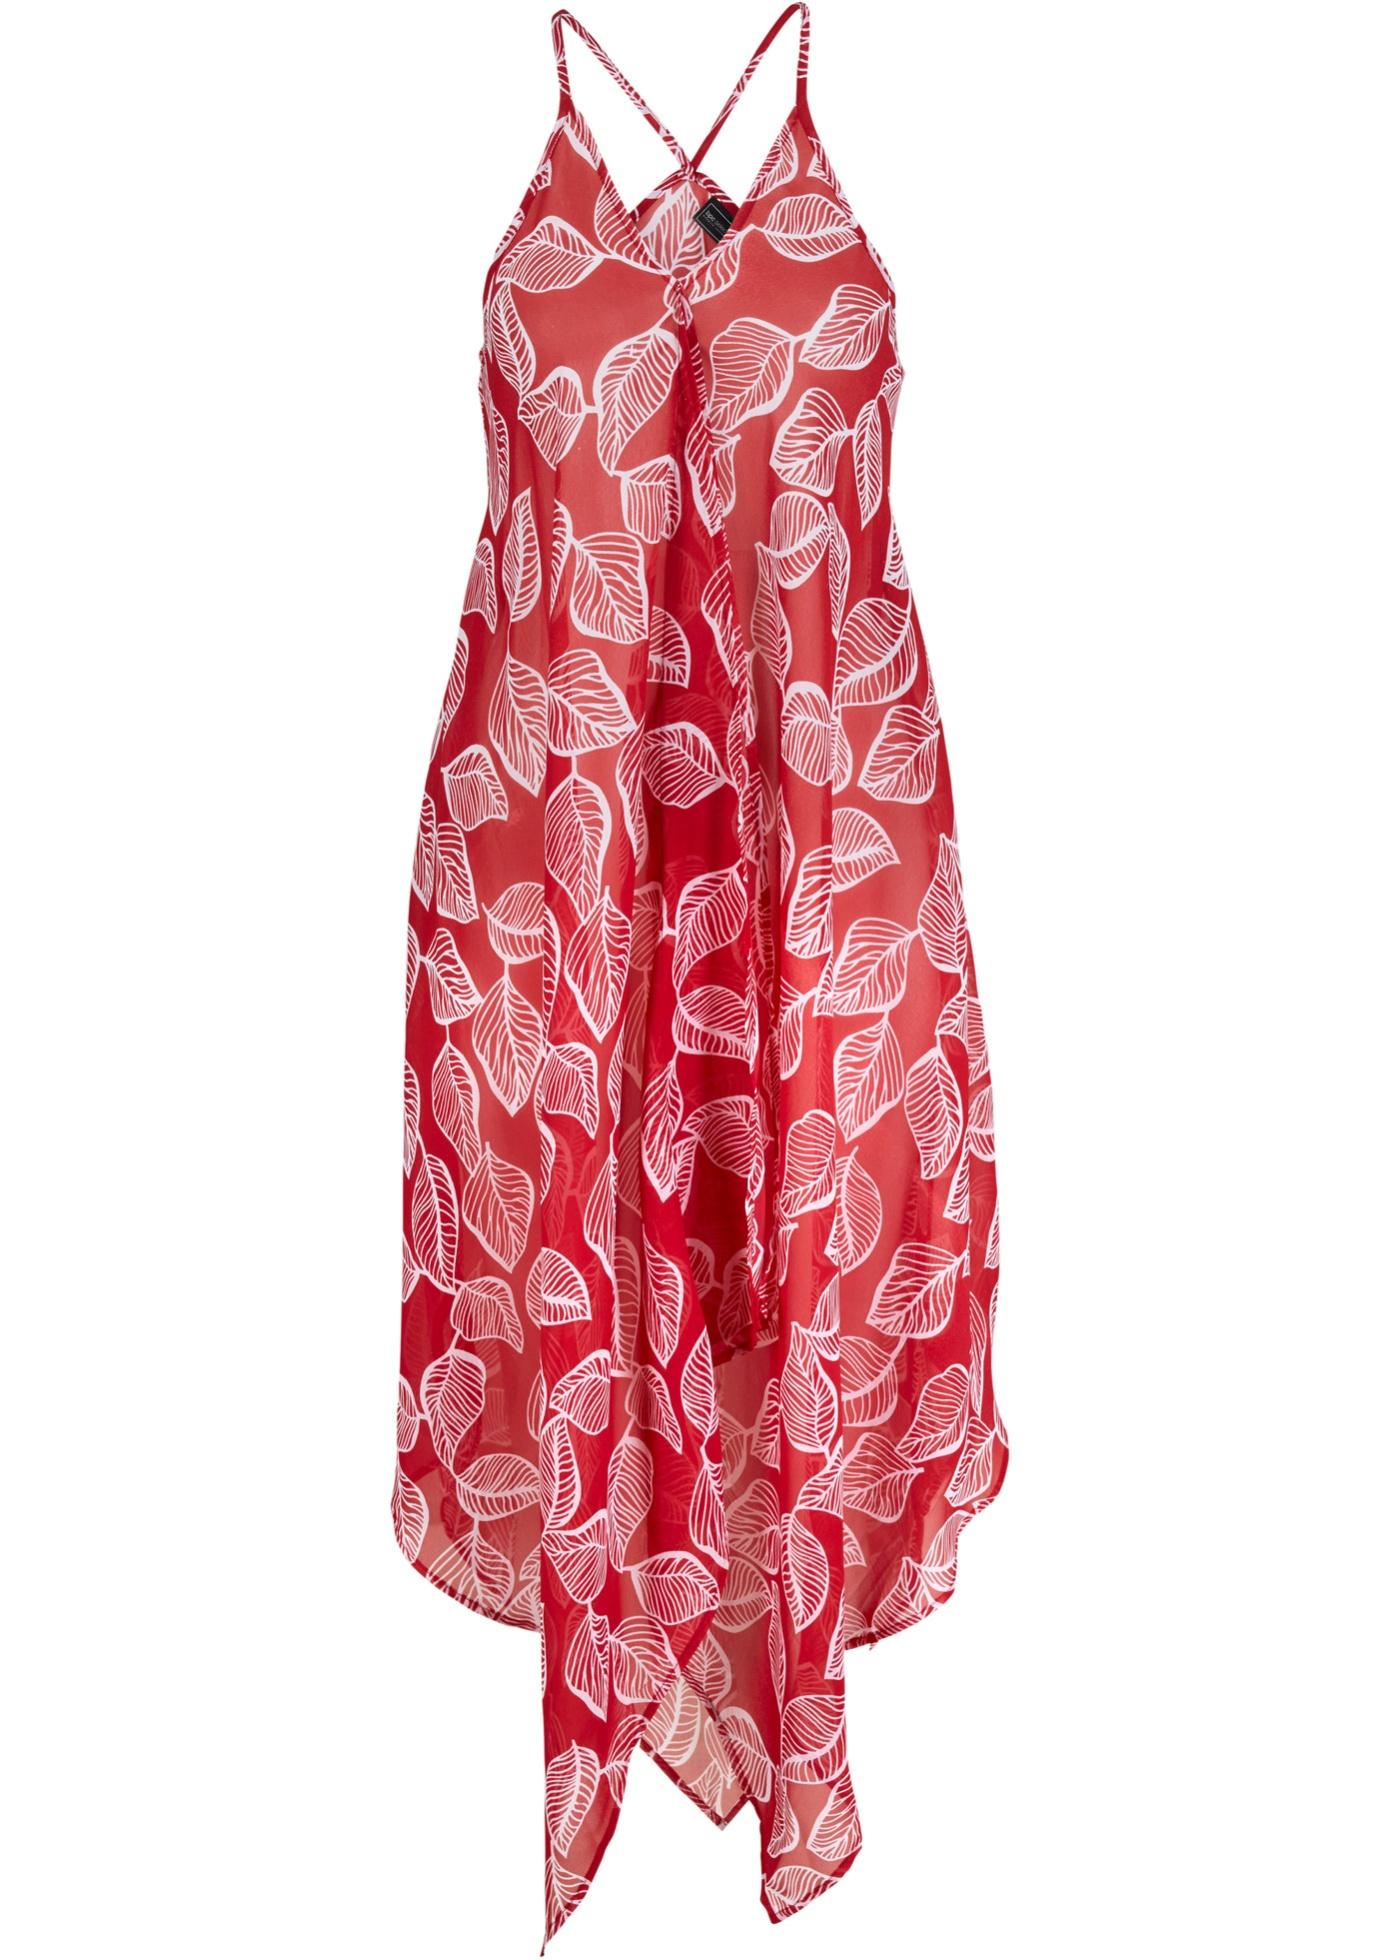 Levné Plážové šaty   Červená barva šatů